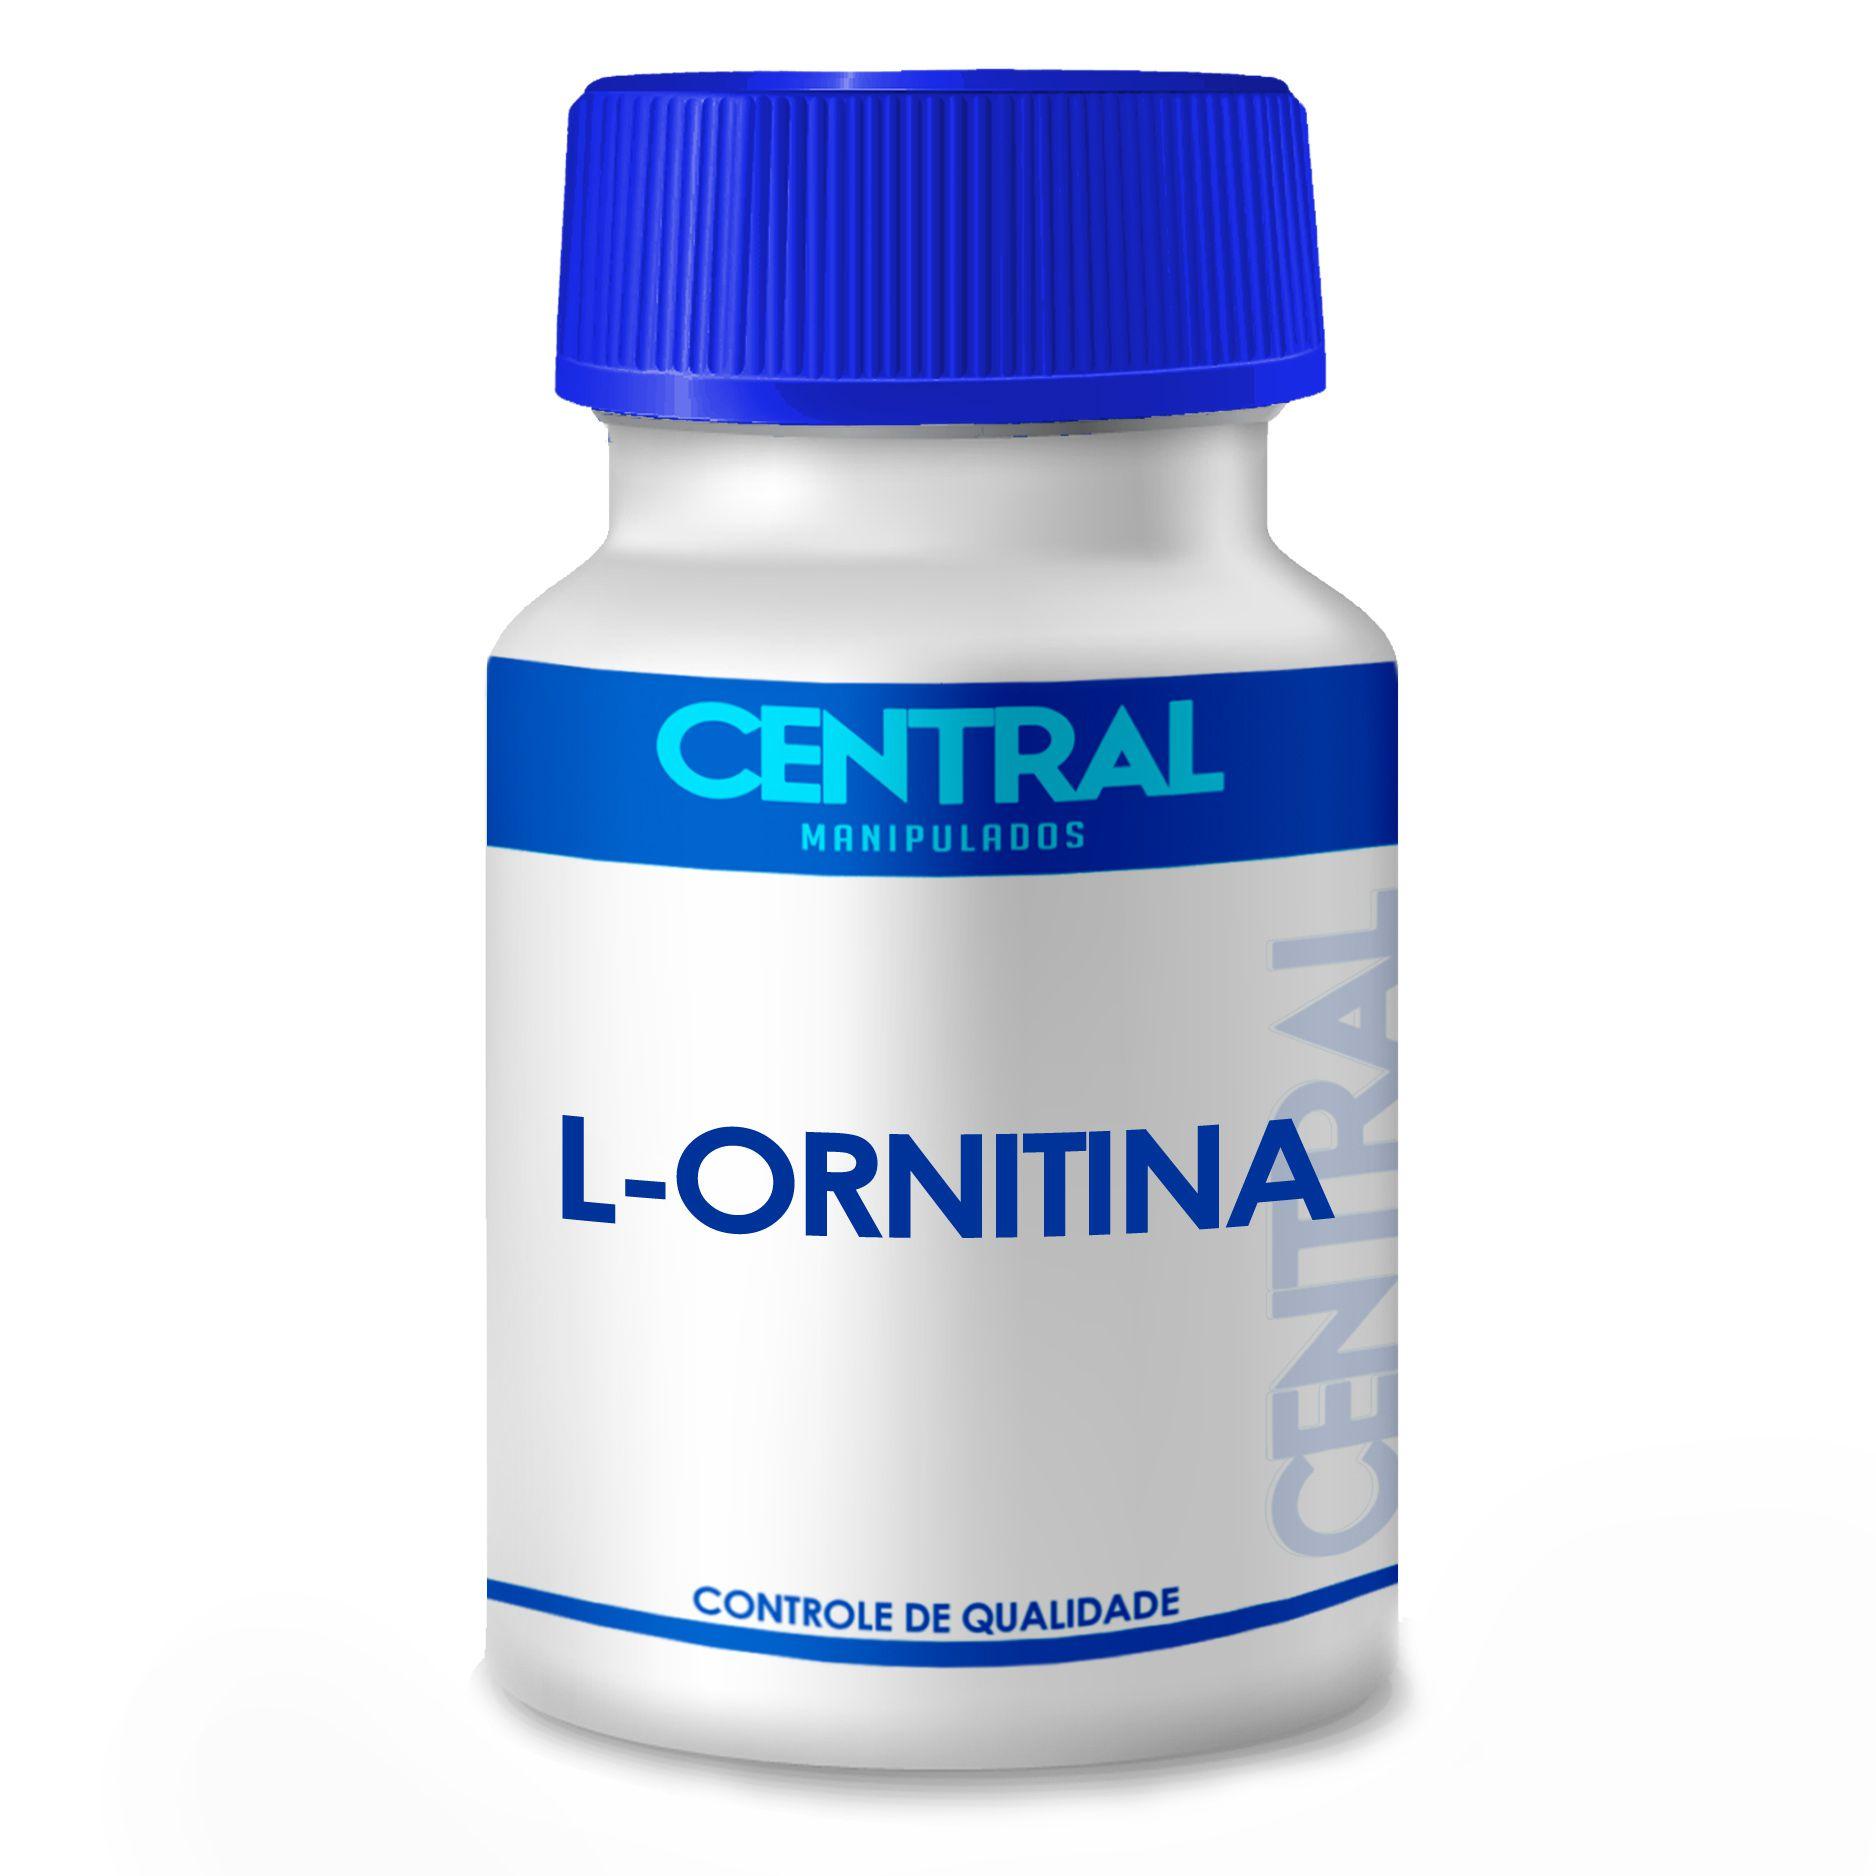 L-Ornitina 300mg 30 cápsulas - incrementa a massa muscular e diminui a quantidade de tecido gorduroso